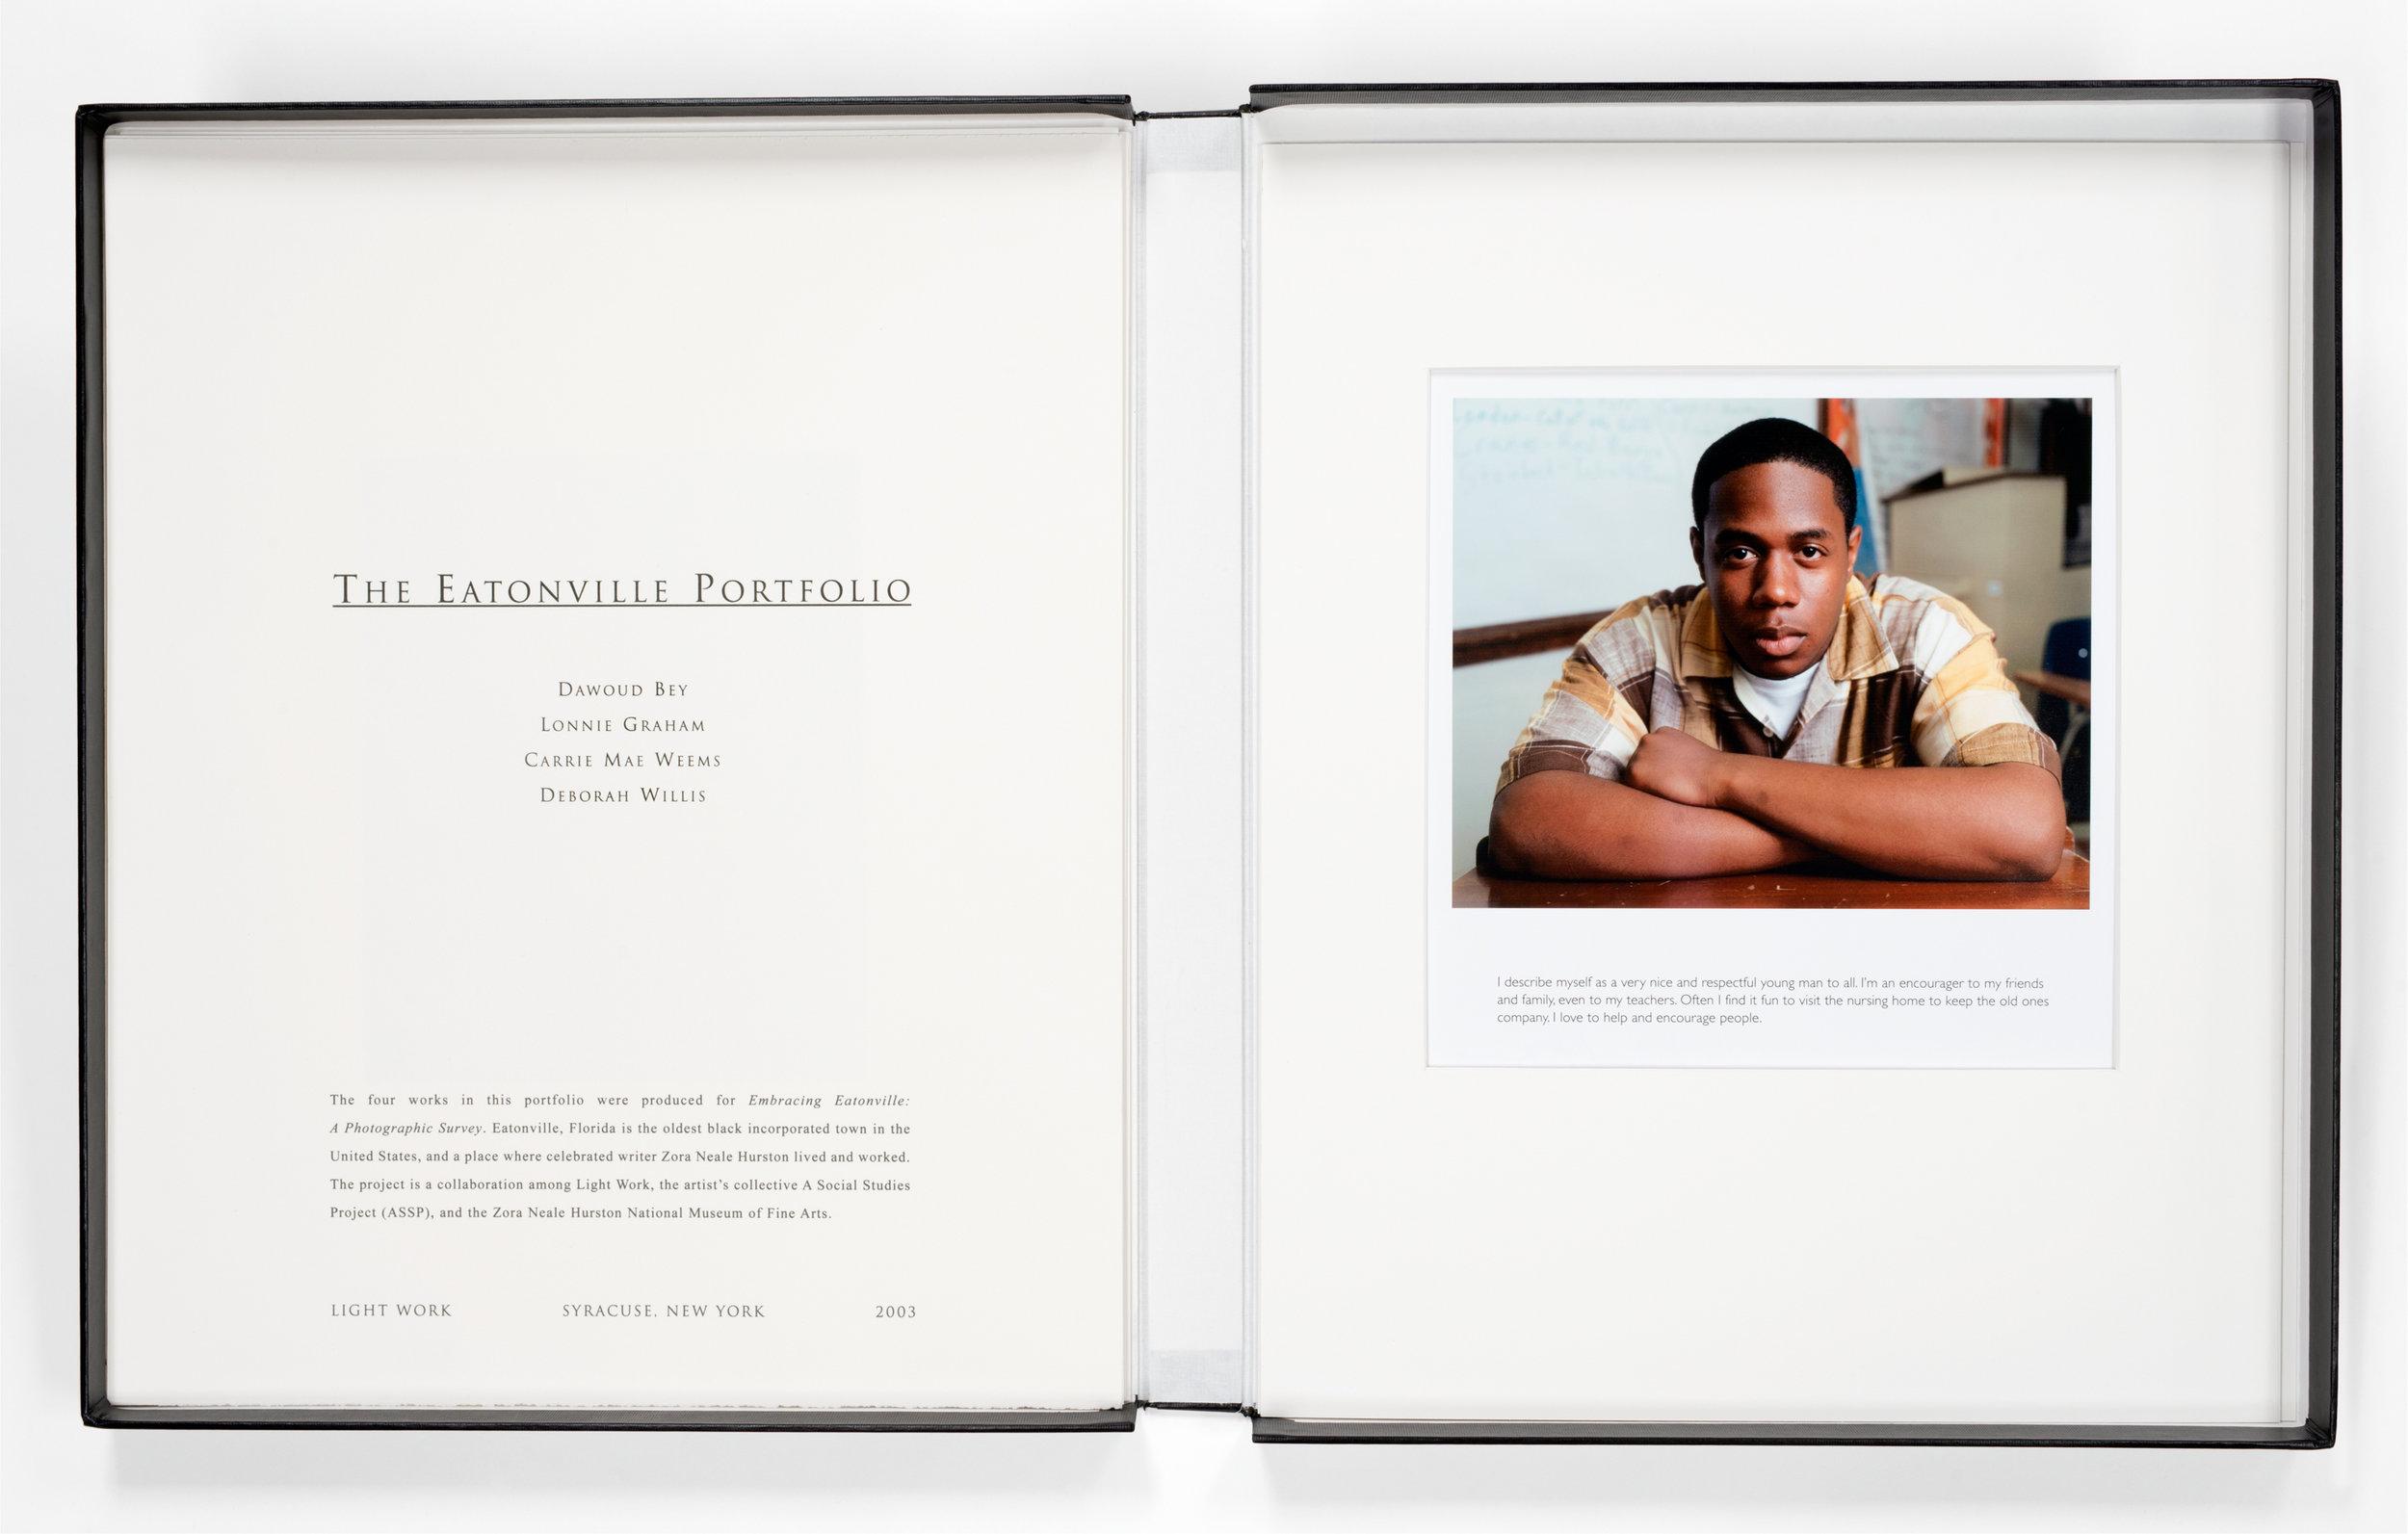 The Eatonville Portfolio (Dawoud Bey, Lonnie Graham, Carrie Mae Weems, Deborah Willis)